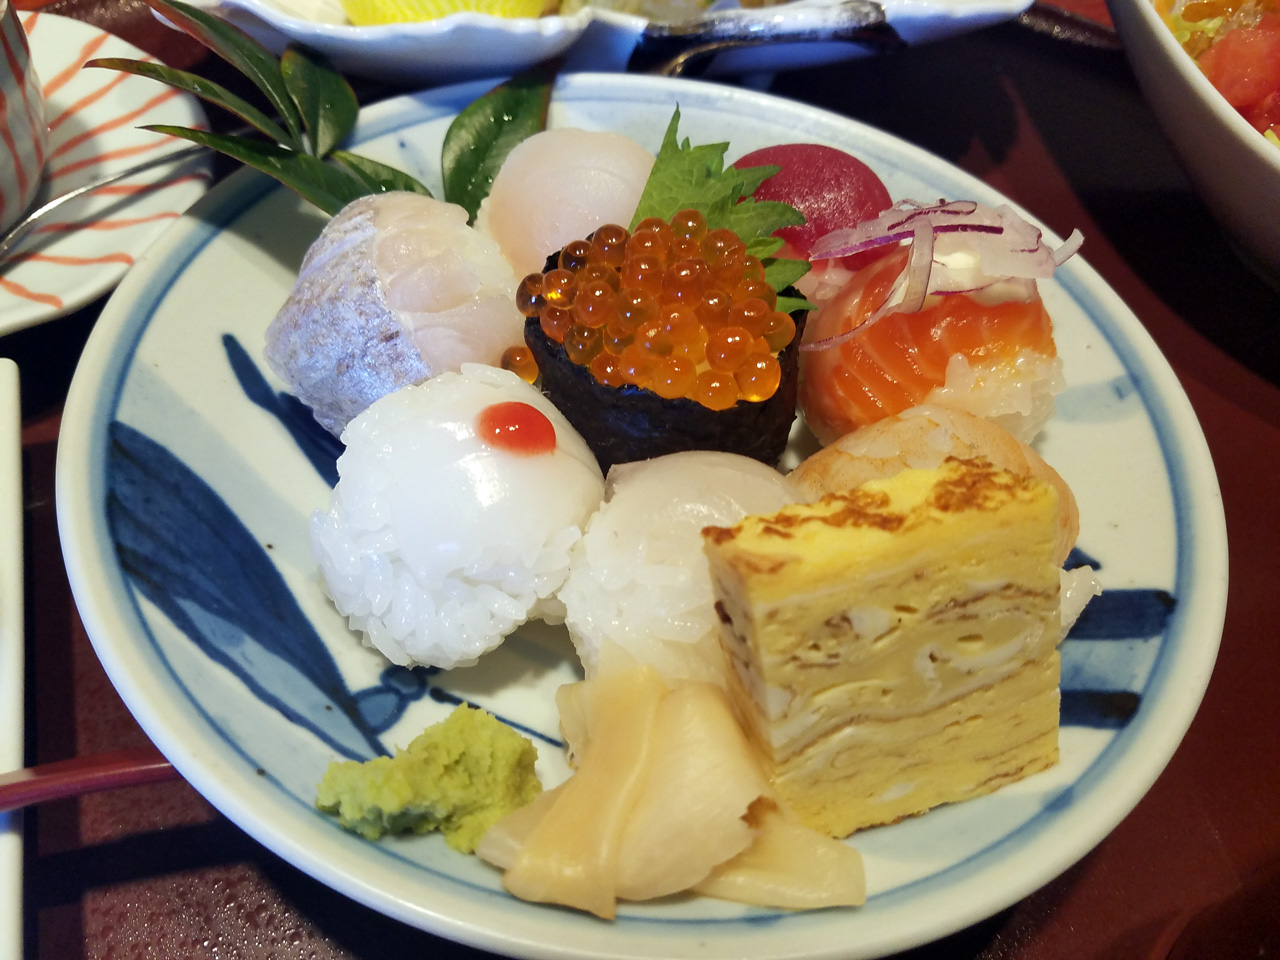 手まり寿司はとても可愛らしいです。